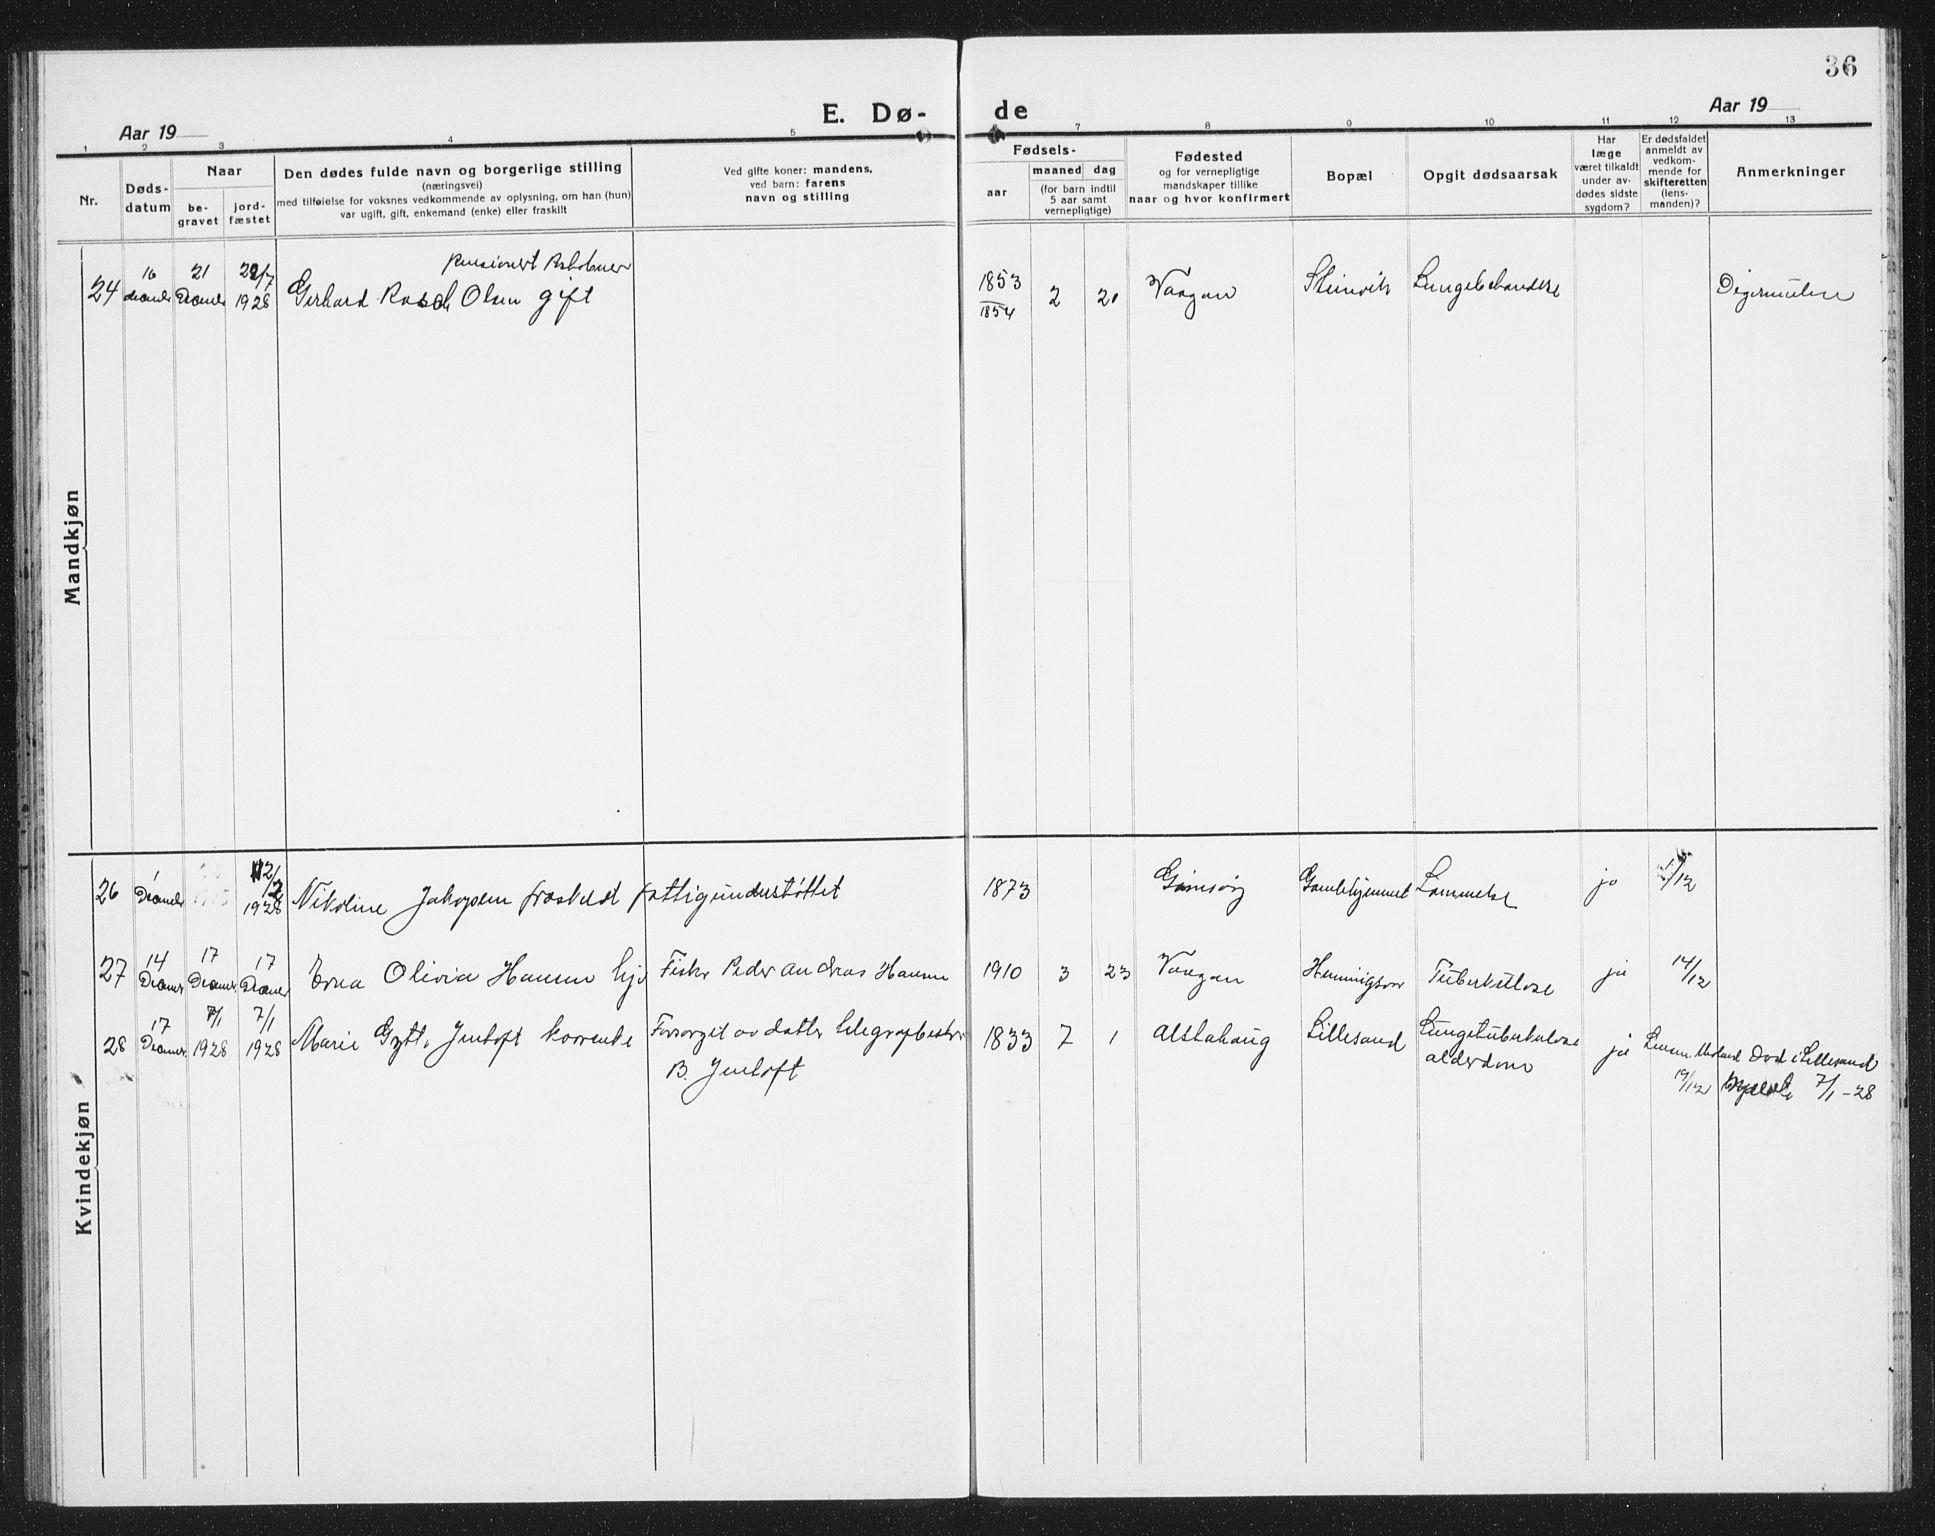 SAT, Ministerialprotokoller, klokkerbøker og fødselsregistre - Nordland, 874/L1083: Parish register (copy) no. 874C12, 1920-1936, p. 36